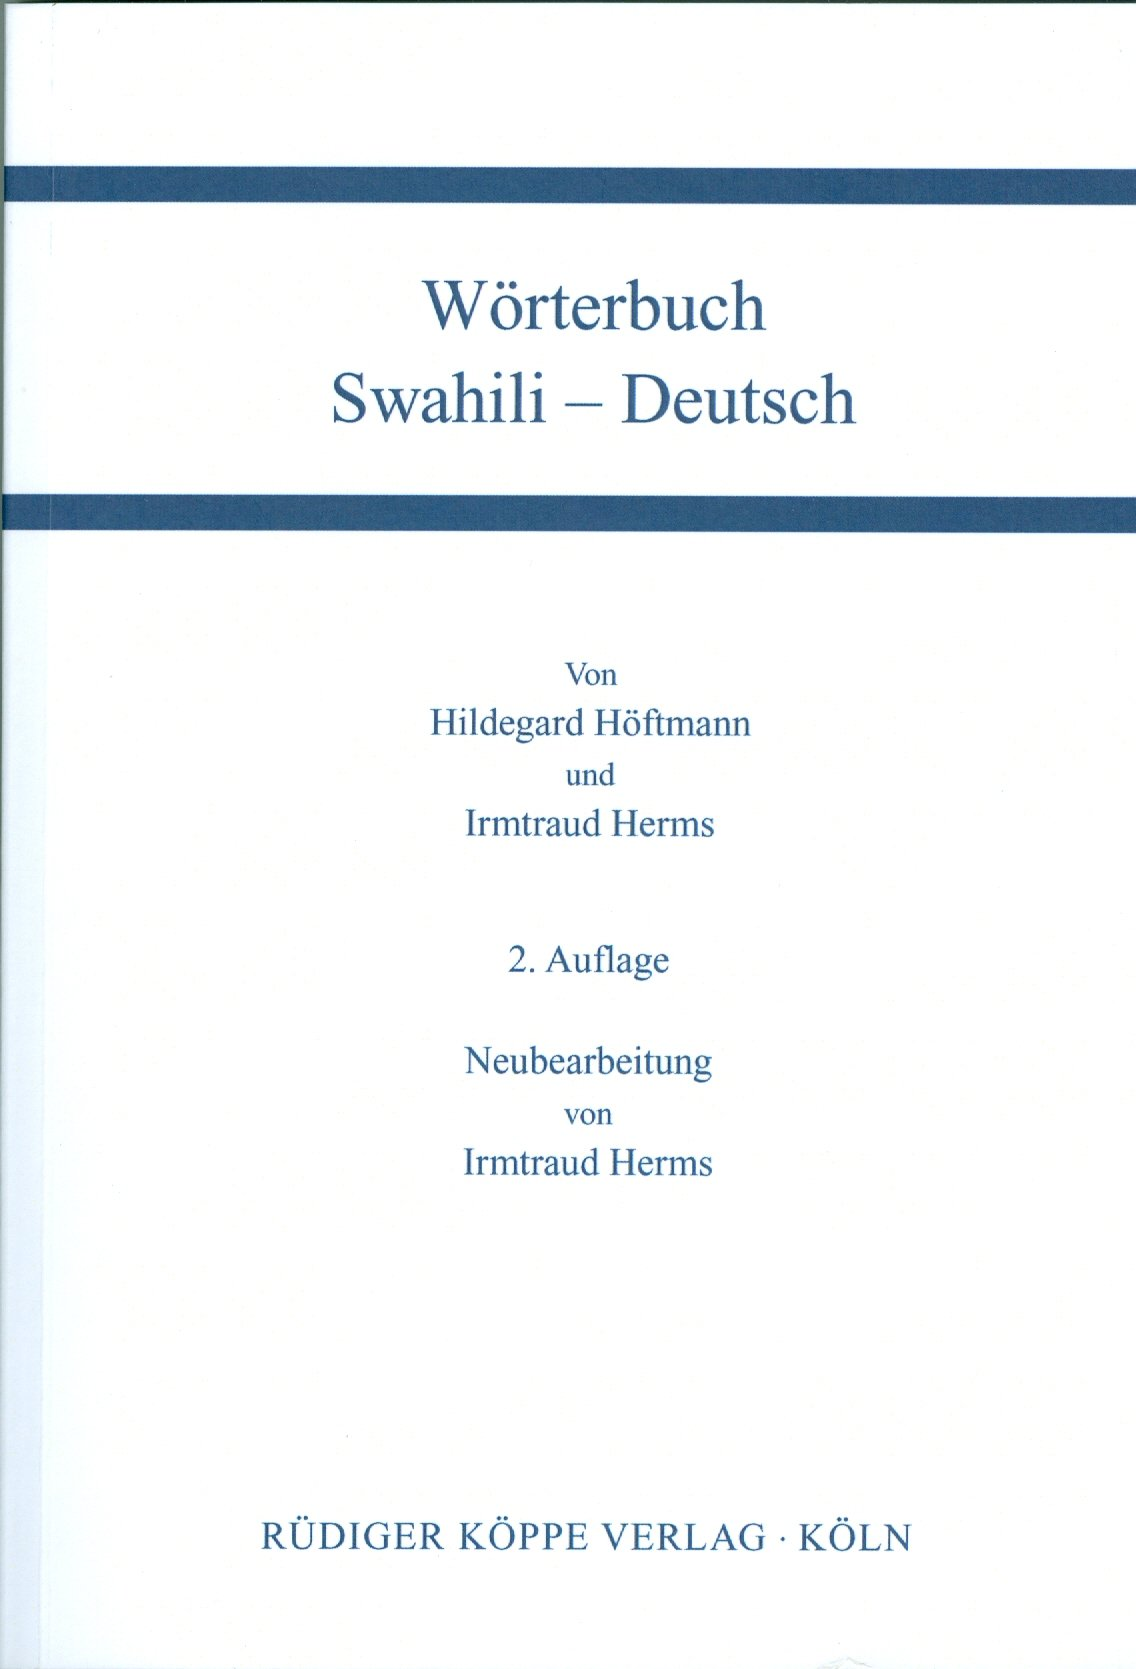 Wörterbuch Swahili Deutsch   Deutsch Swahili  Zwei Teilbände